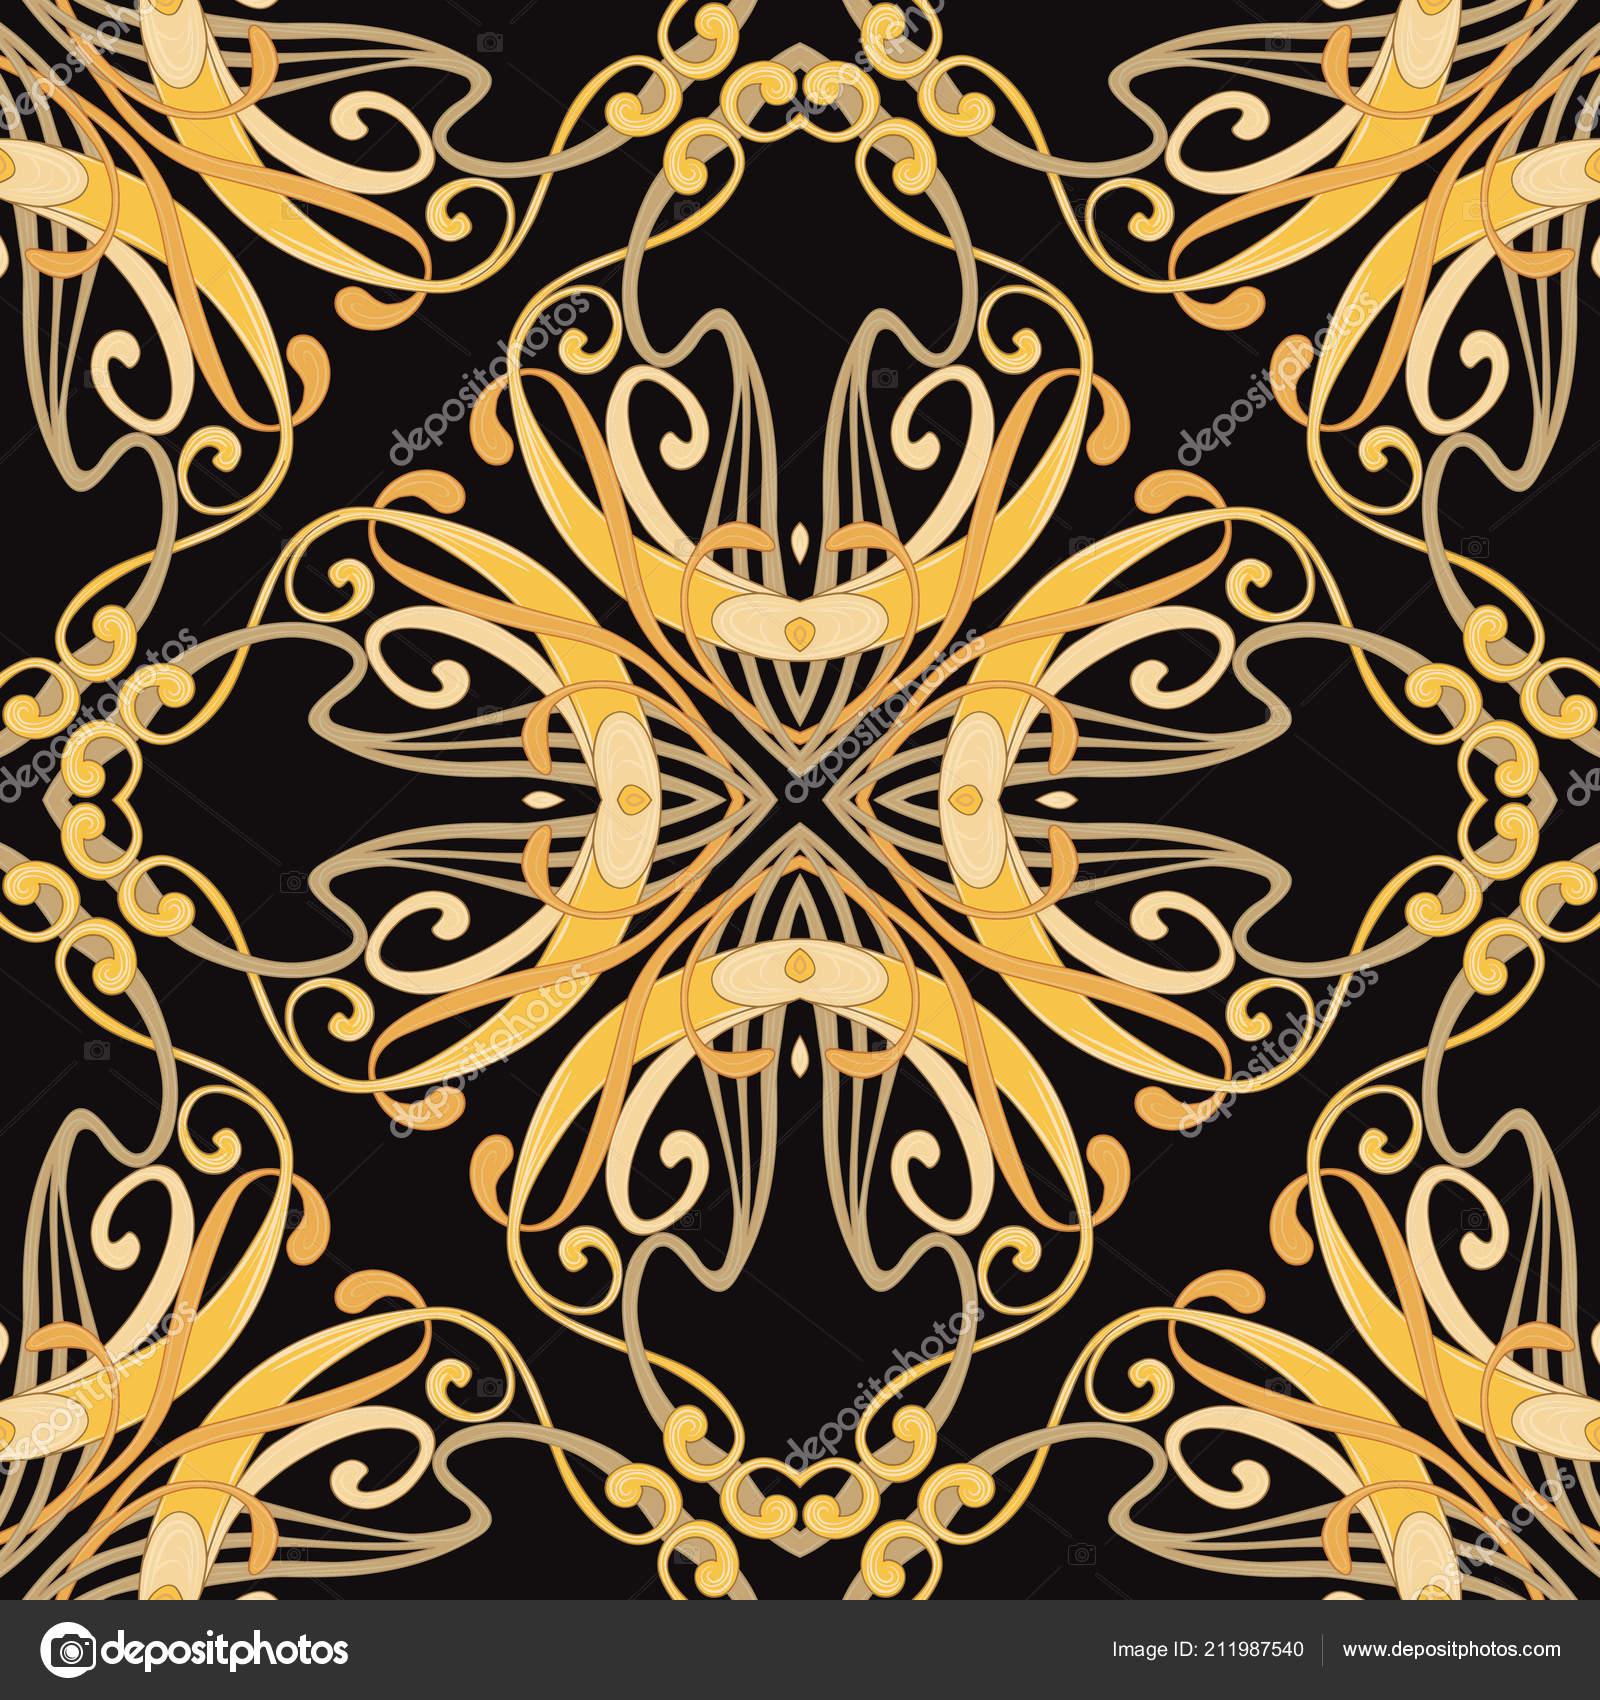 Art Nouveau Floral Ornament In Color Epub Ignou Openmat Books